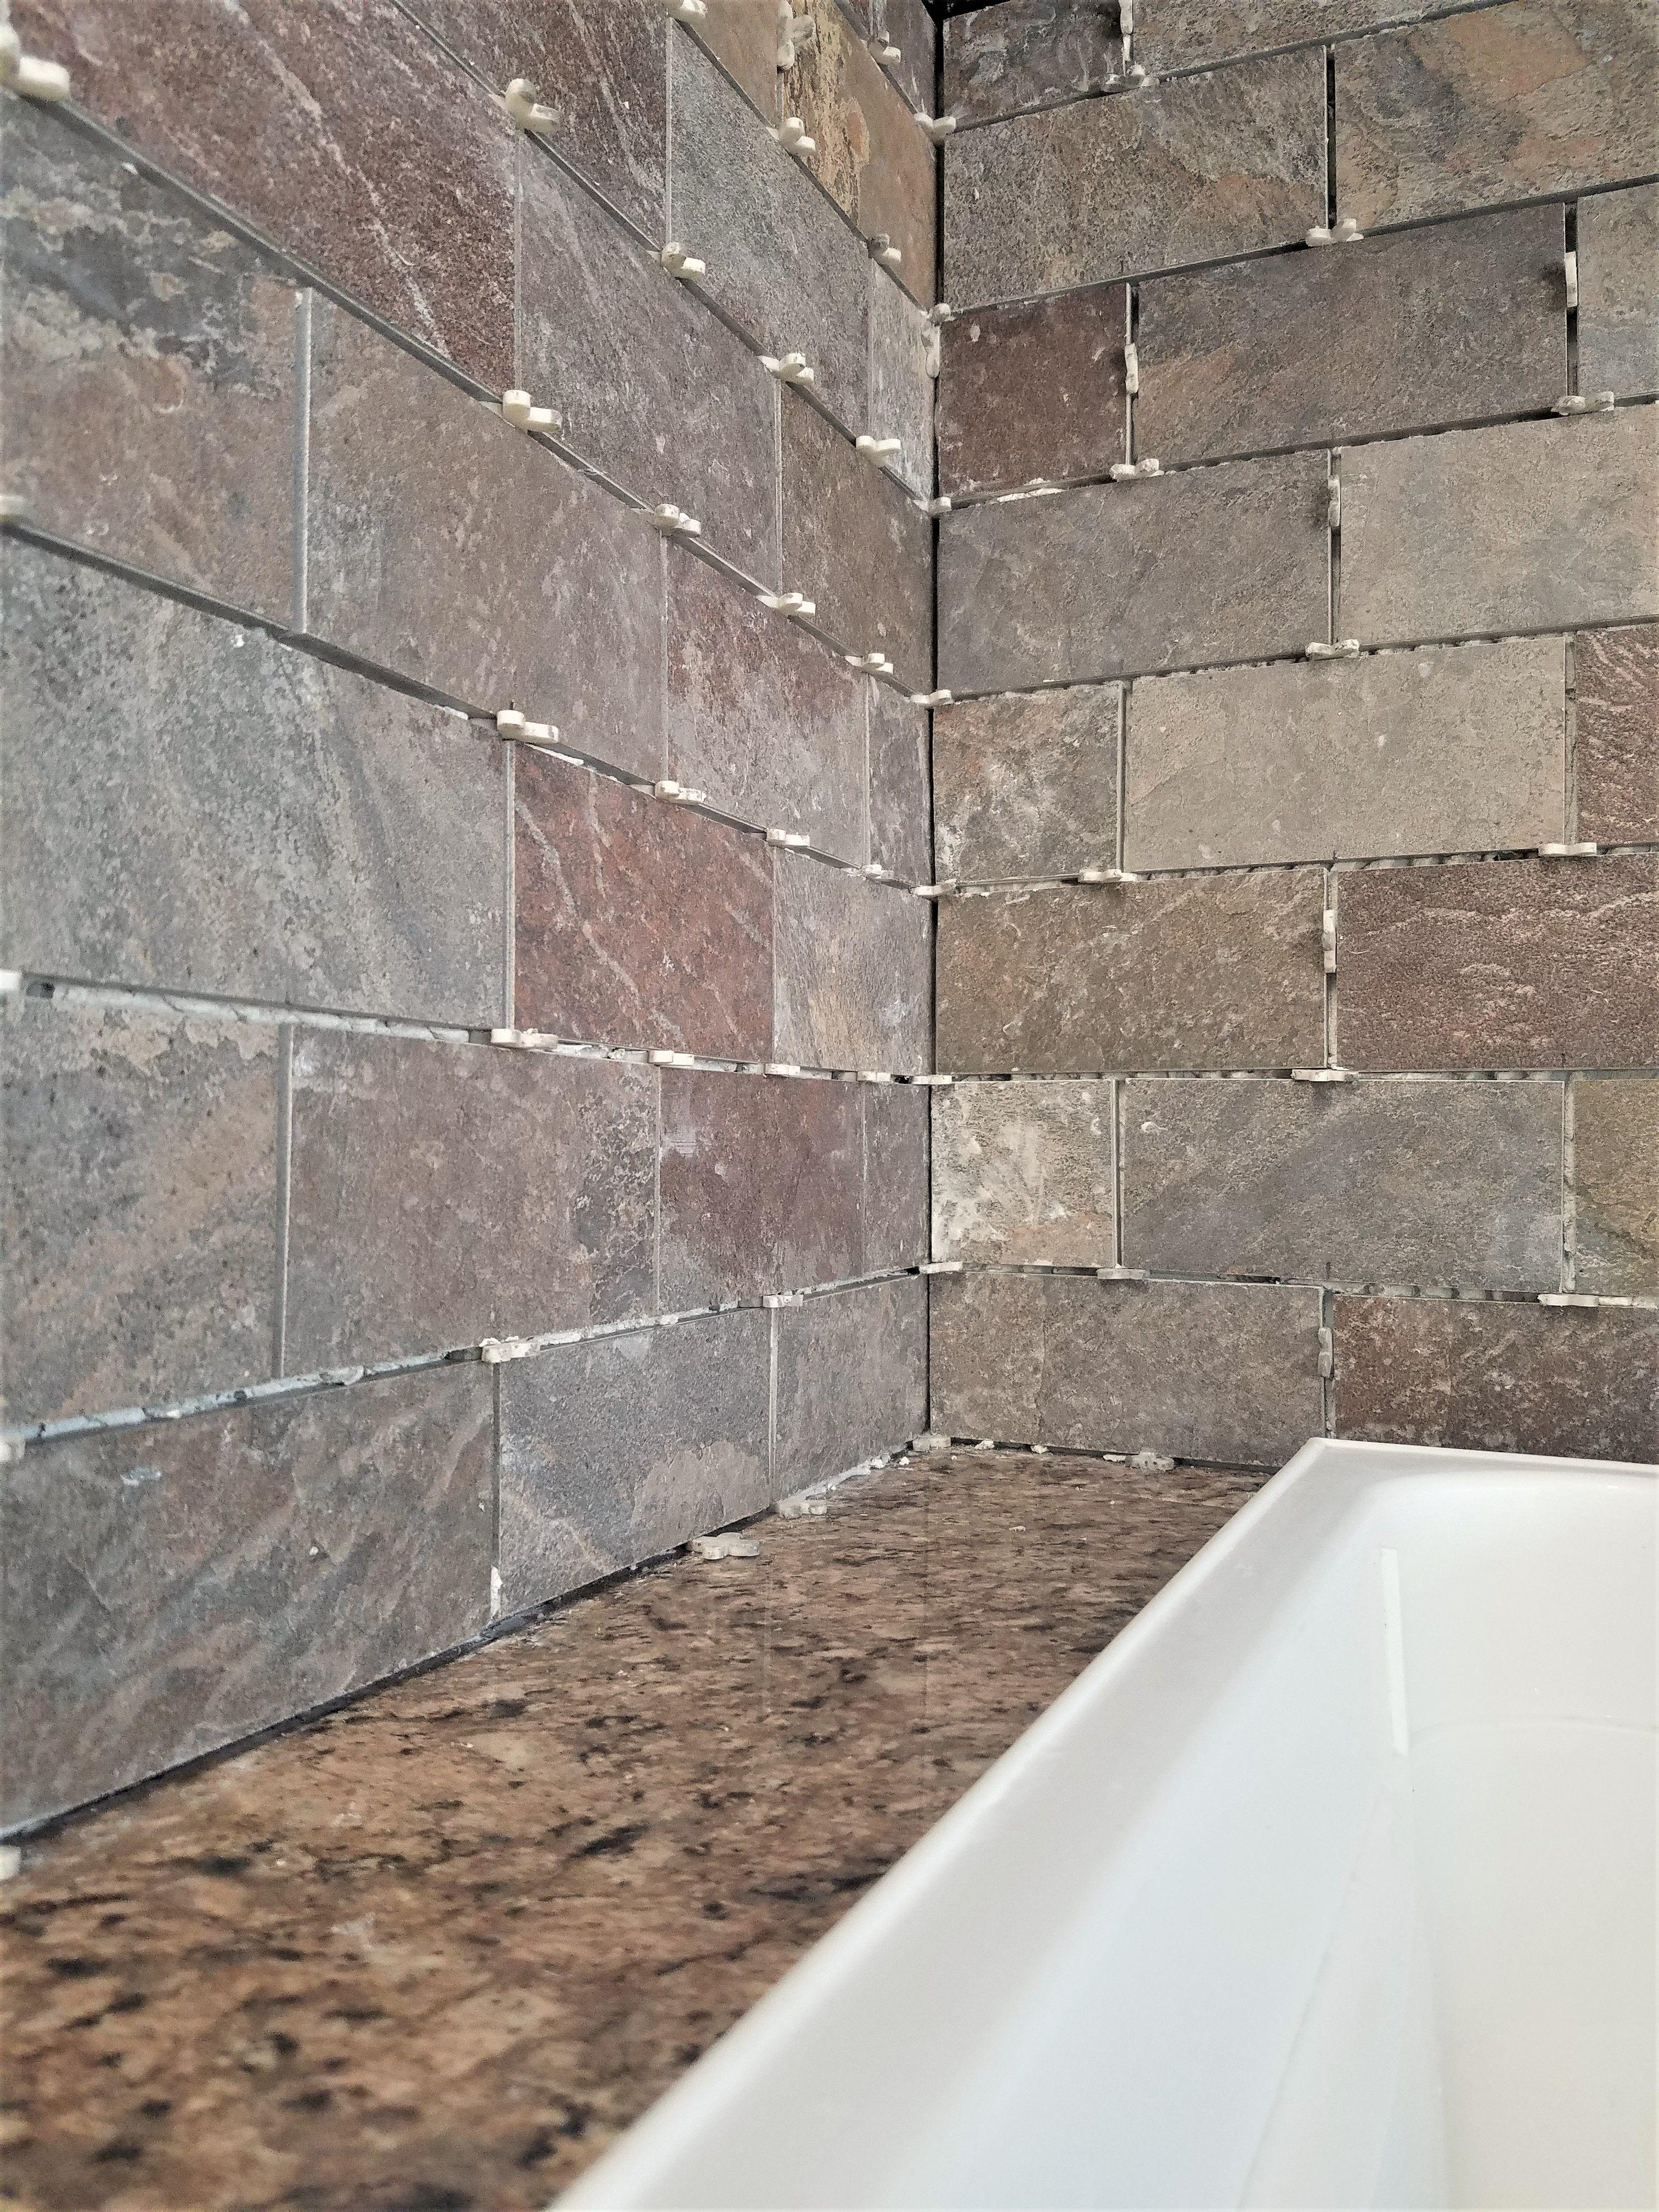 How To Install A Tile Backsplash Over Drywall Renee Romeo Stone Tile Backsplash Backsplash Tile Backsplash